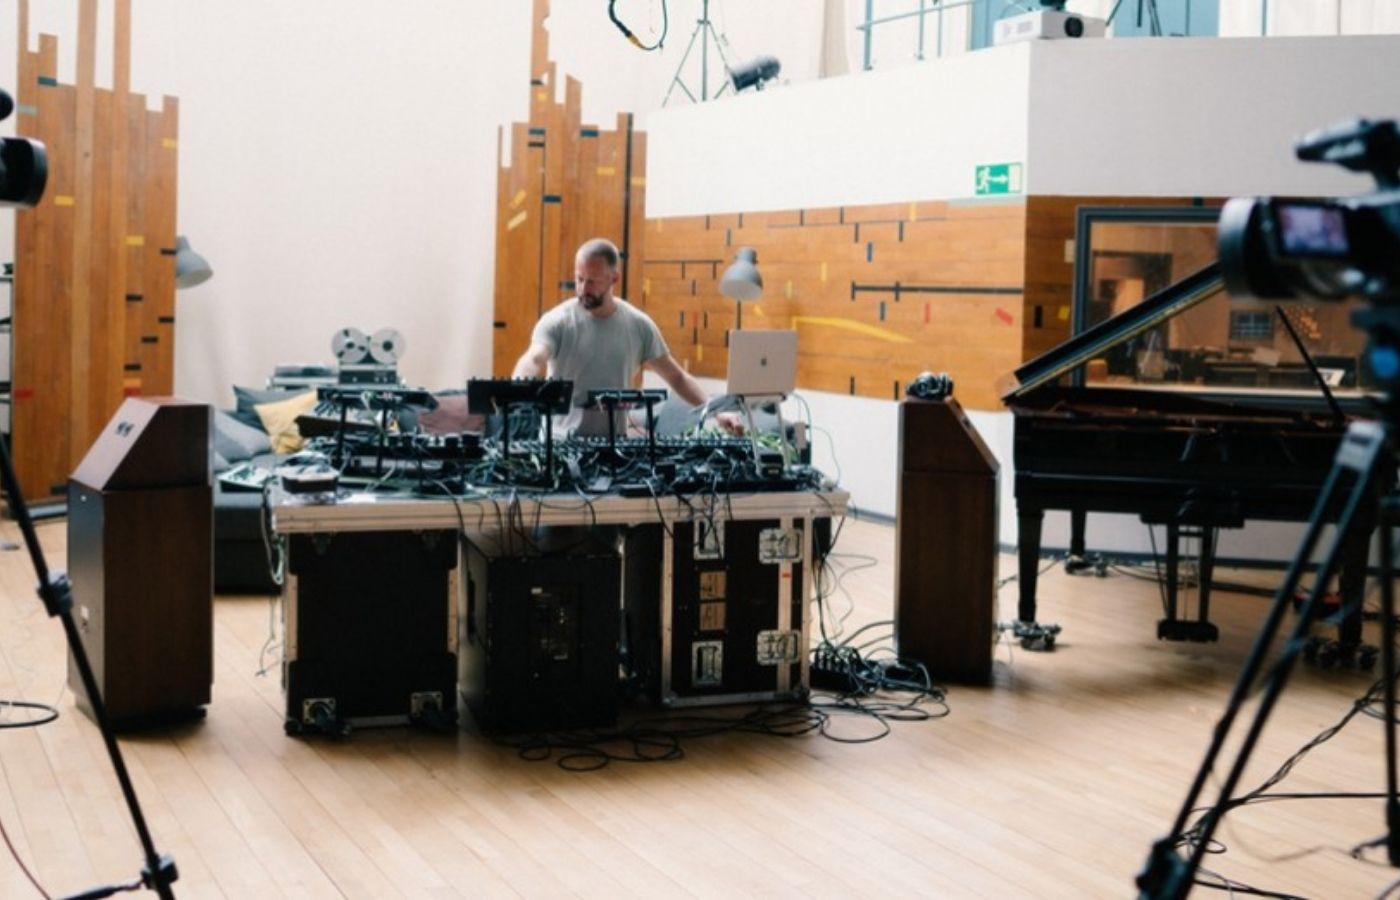 Ableton anunció Loop Create, un nuevo evento online para creadores musicales